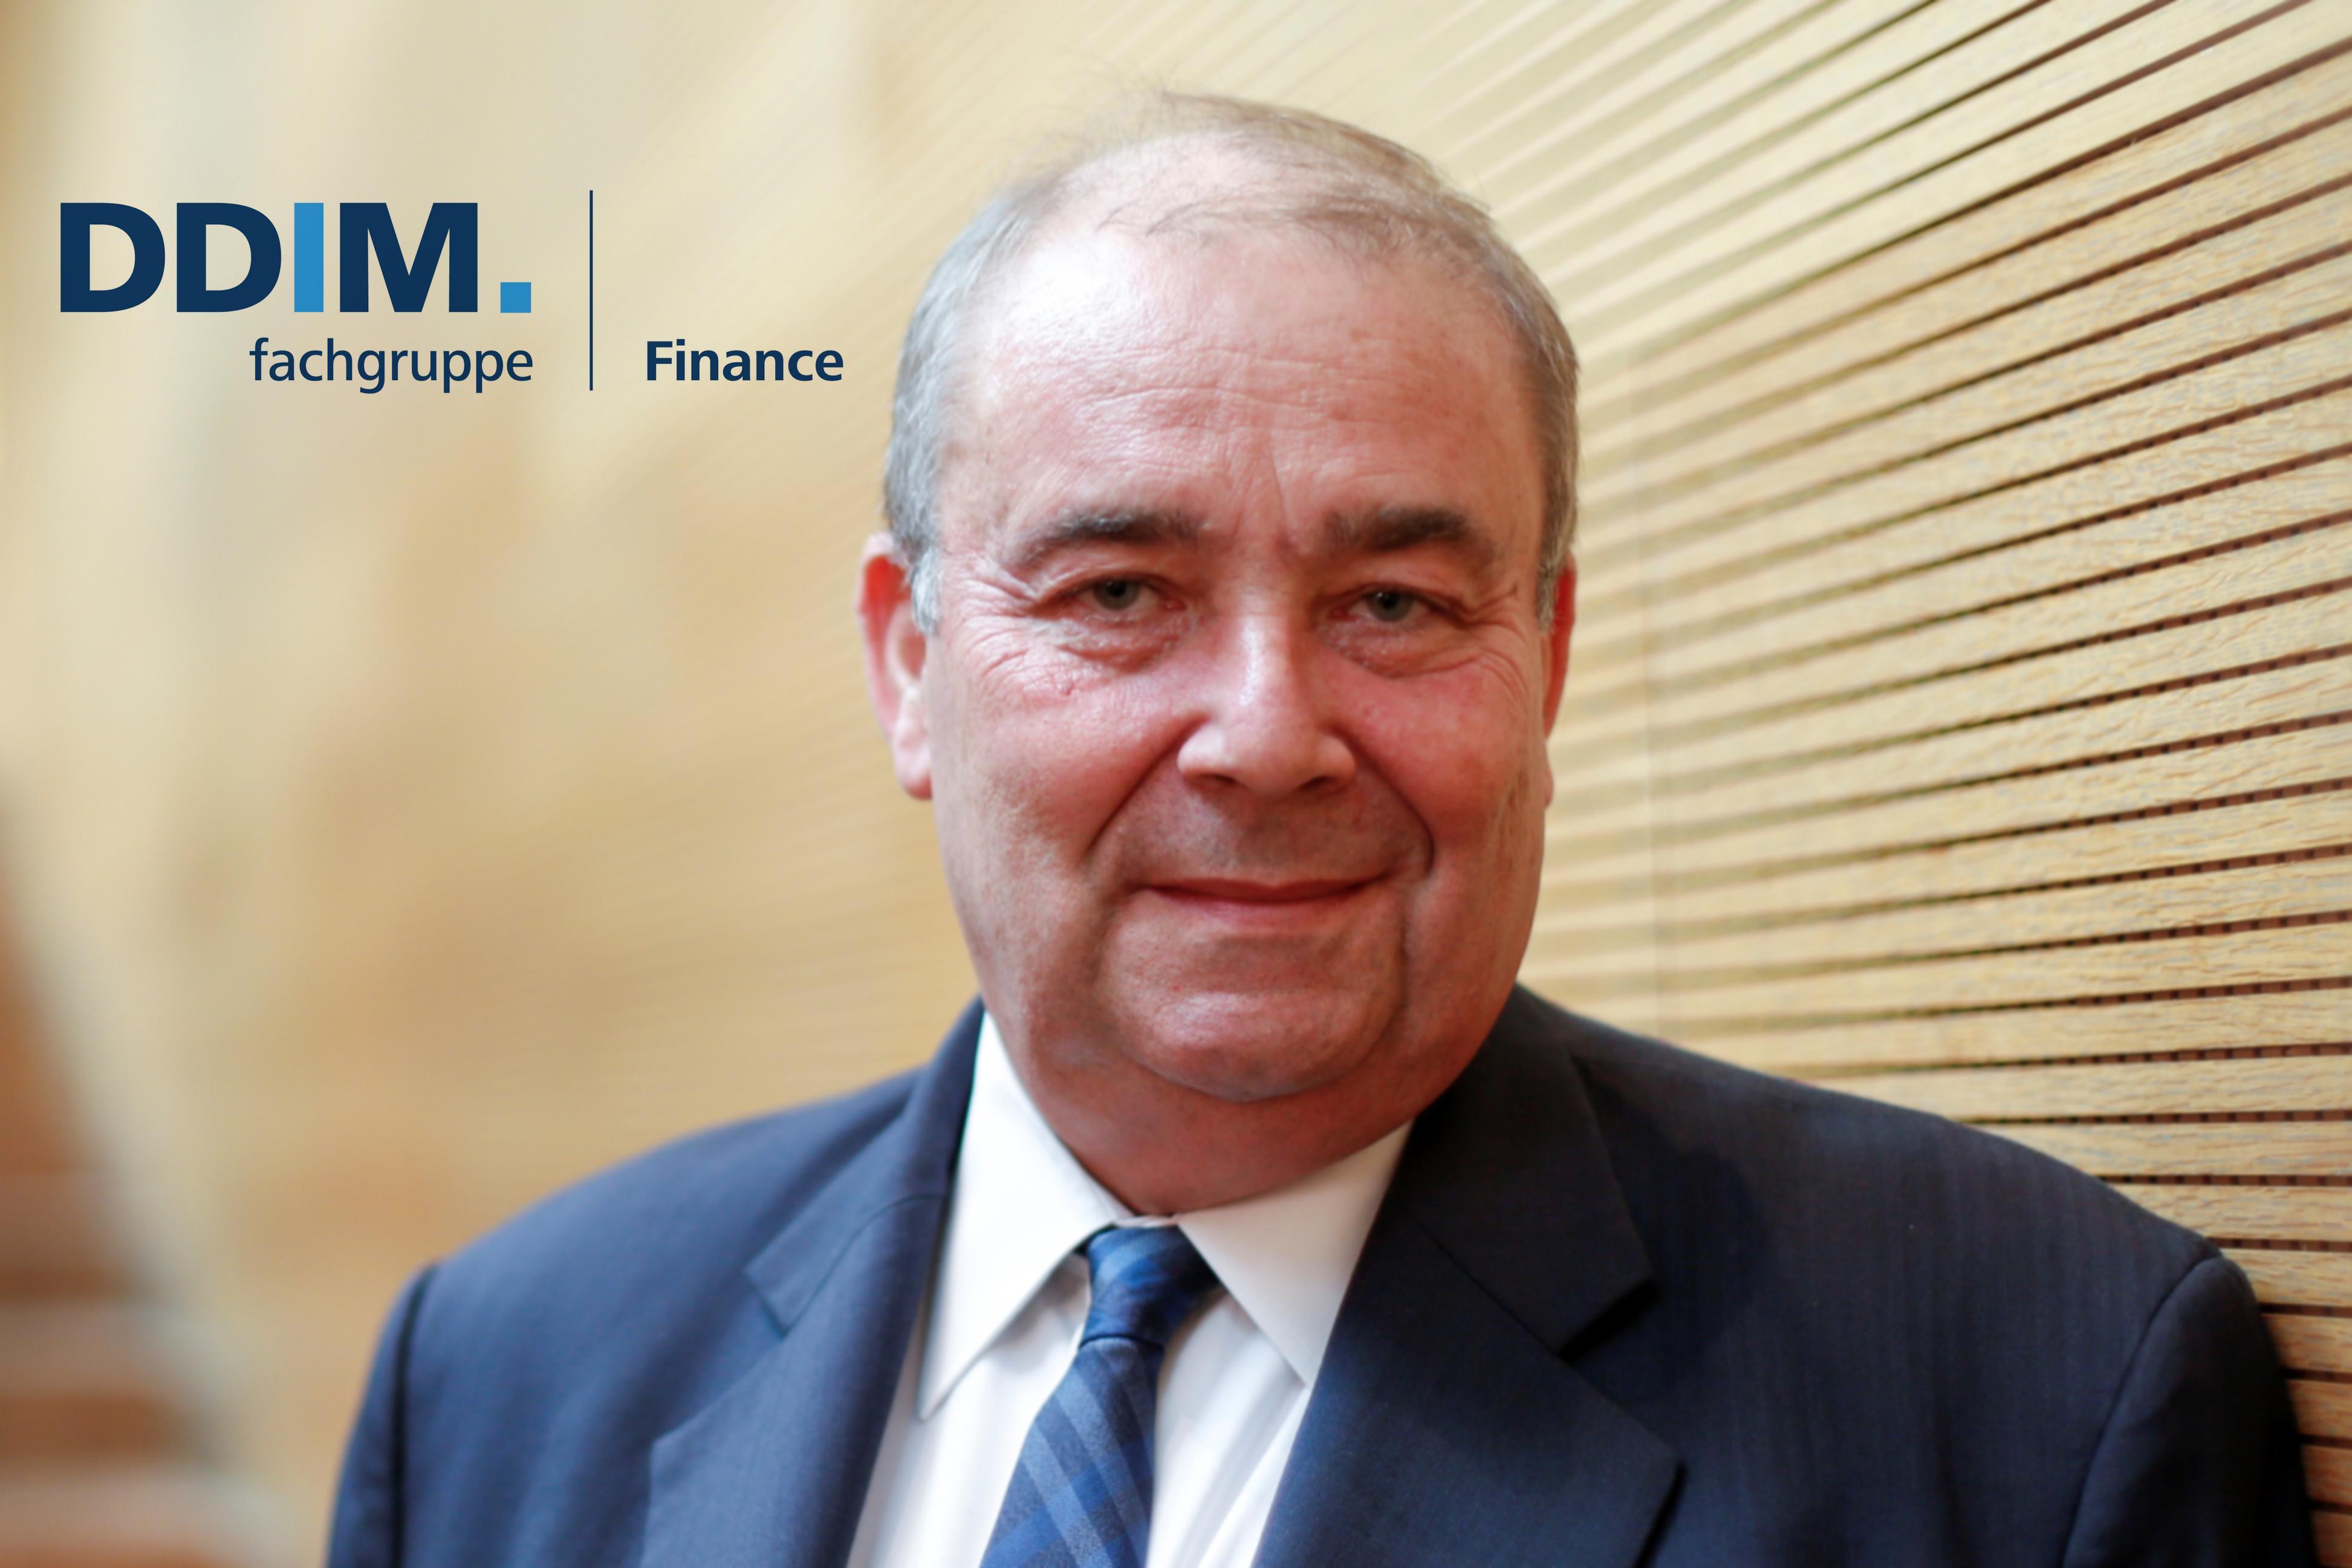 DDIM- Fachgruppenleiter Finance, Paul Stheeman